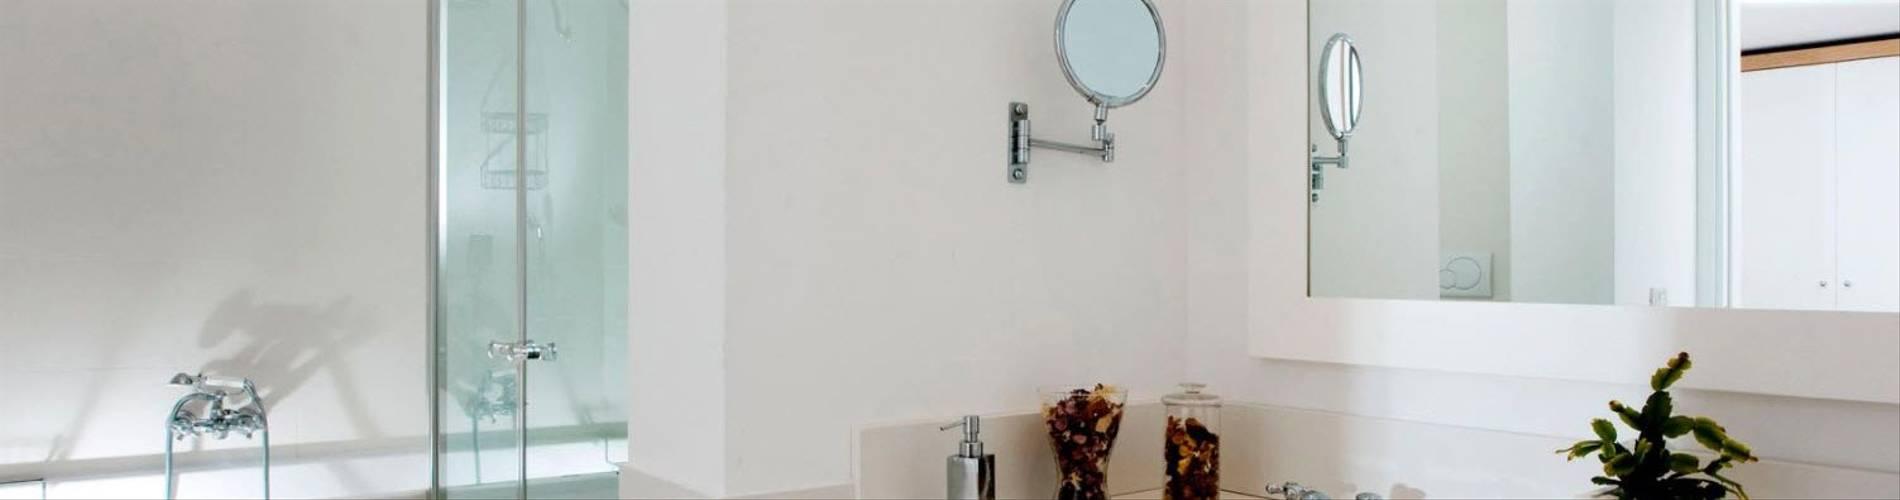 Relais Blu, Sorrento, Italy, Special Room SV (3).jpg